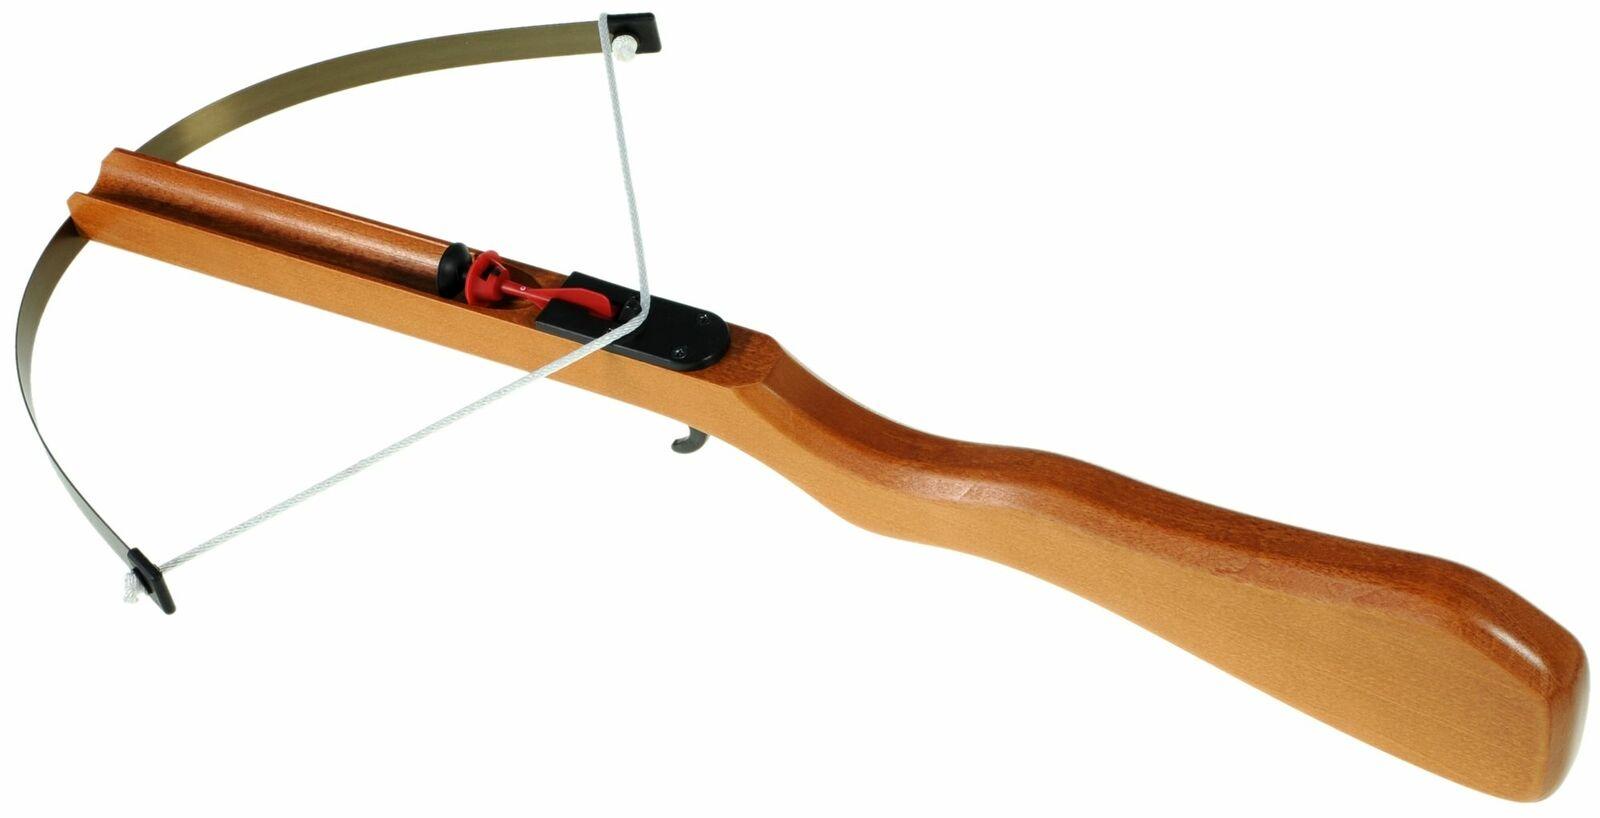 Armbrust aus Holz Kinder Groß Zielscheibe 3 Sicherheitspfeile Gapola Neu